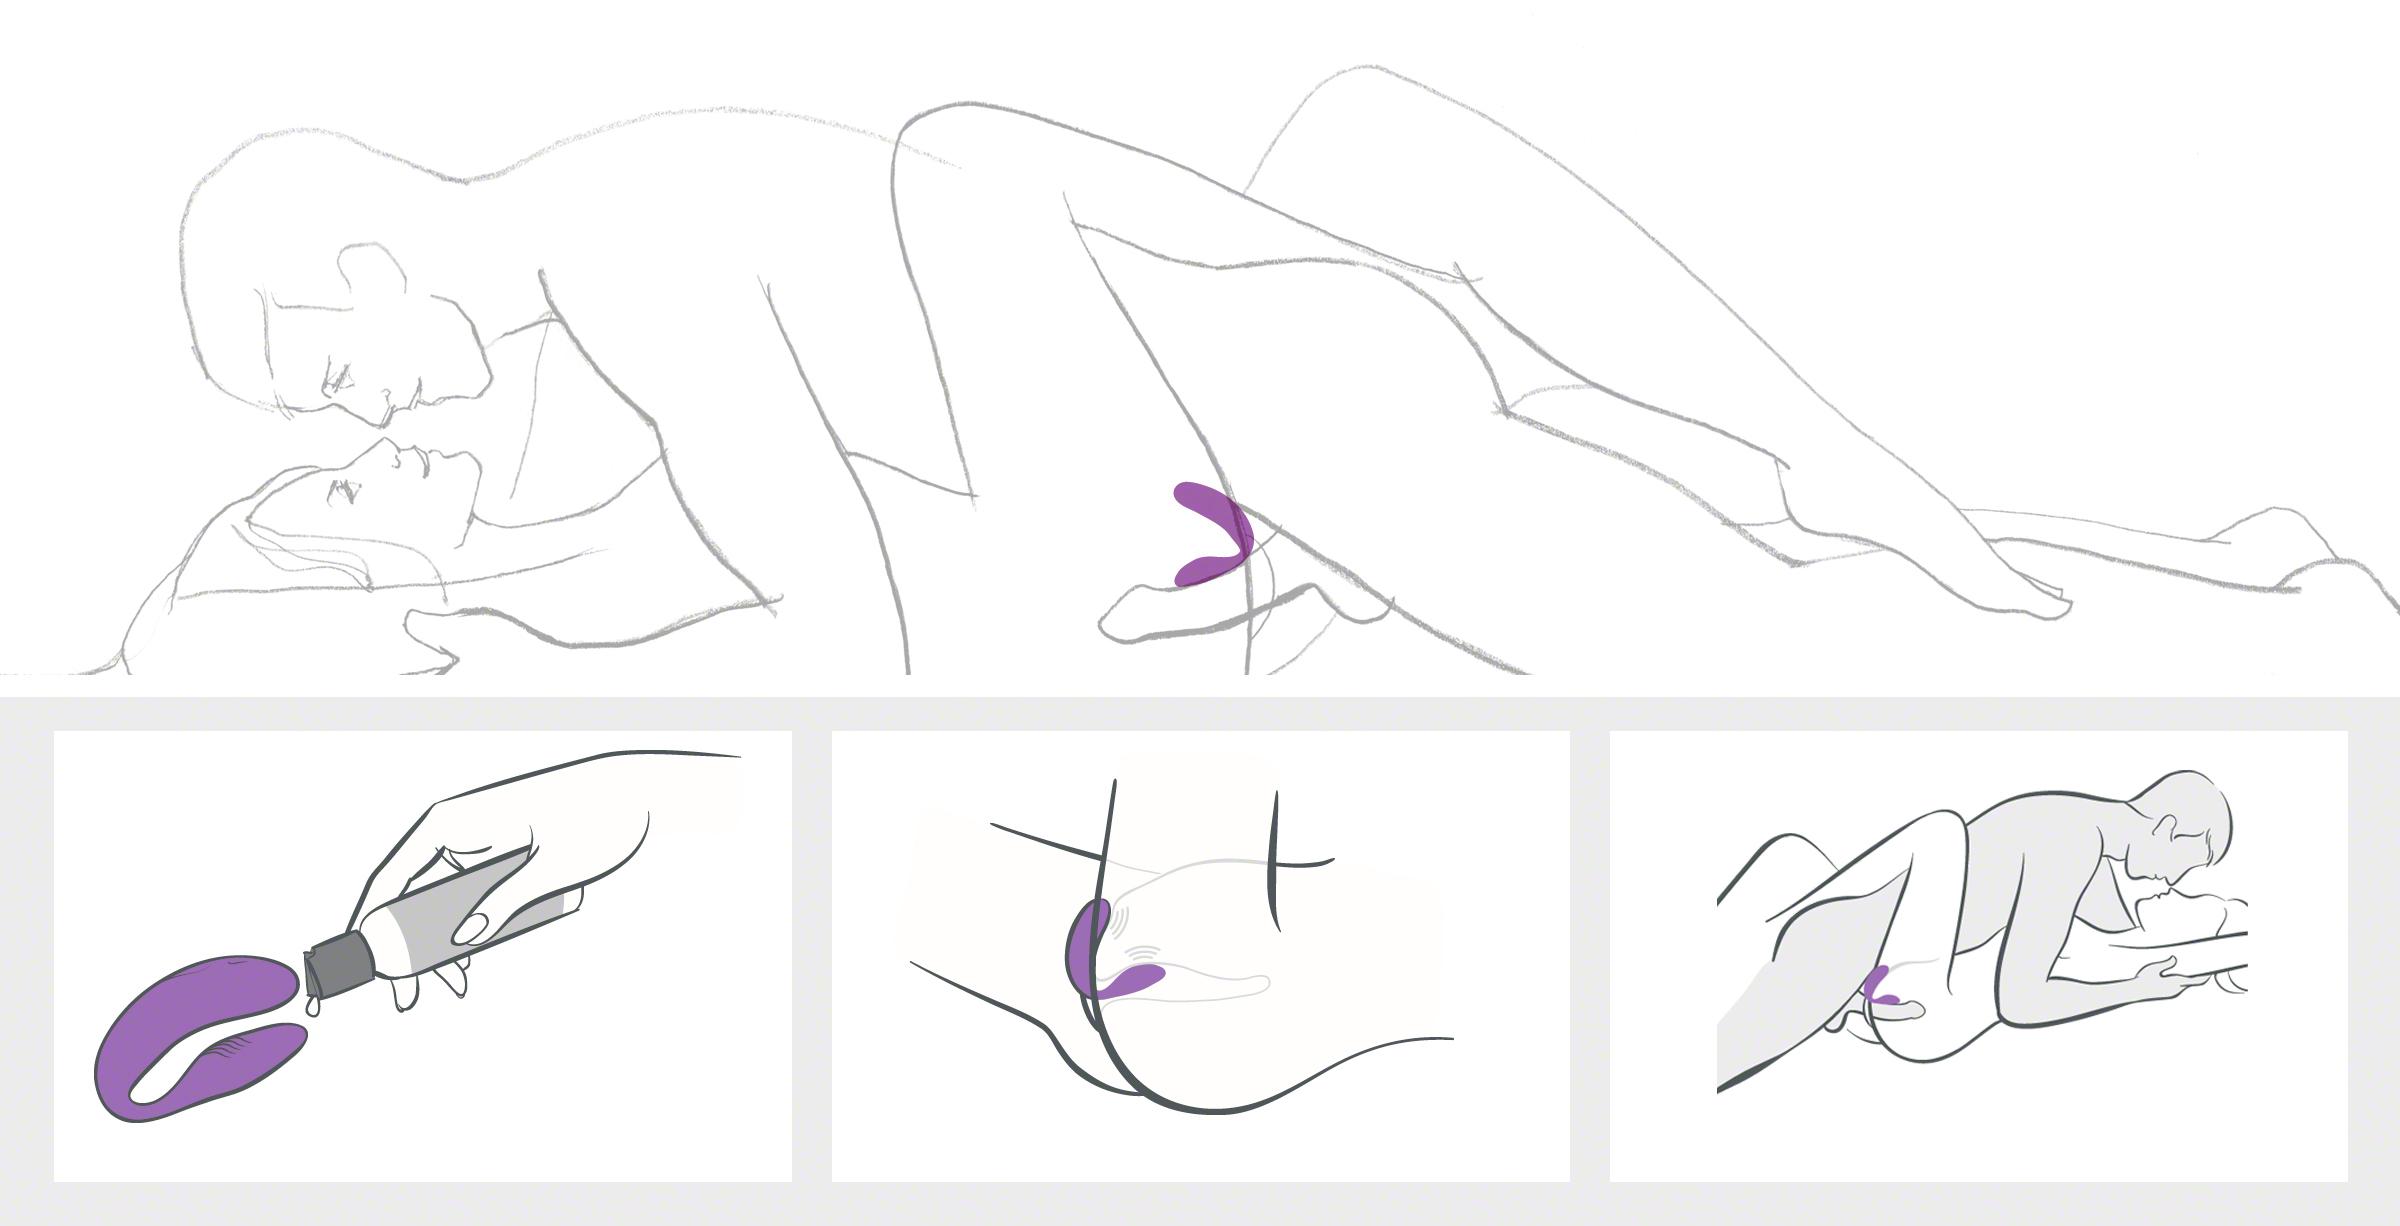 Секс как им пользоваться 13 фотография